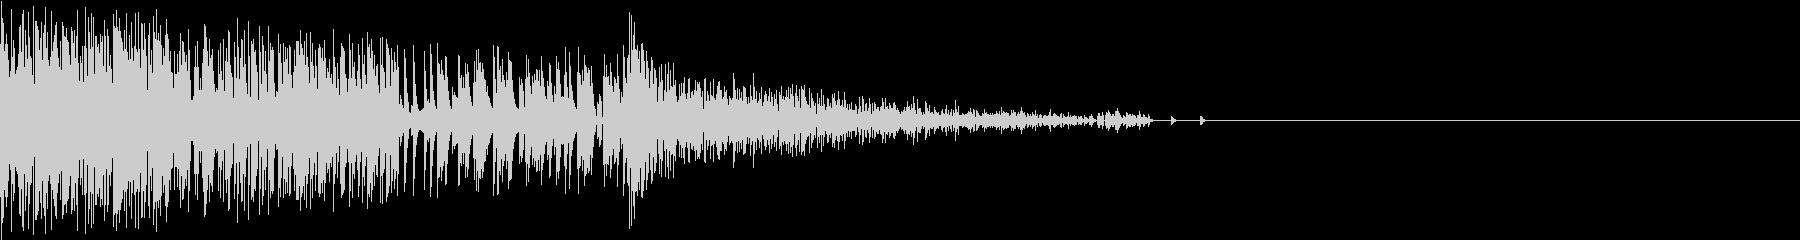 Noise デジタルノイズ レトロ 撃破の未再生の波形